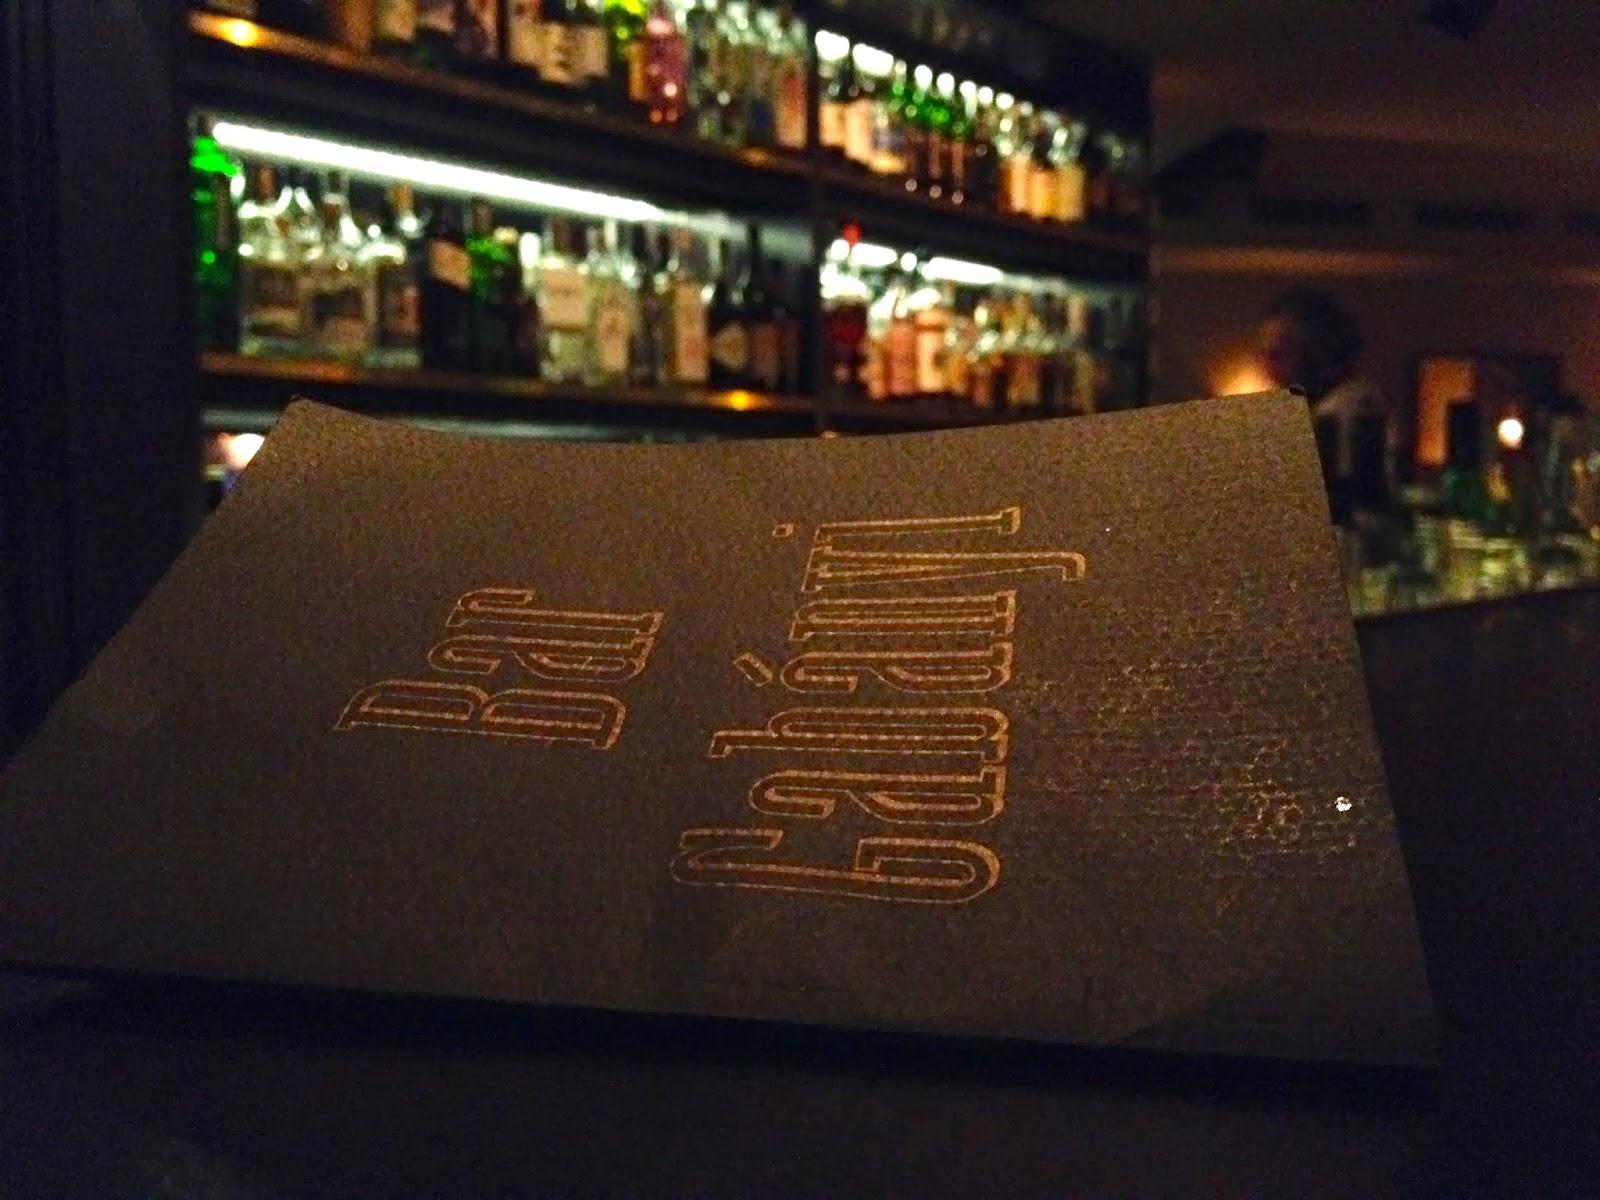 MEATINGRAUM: Wie Schwimmen in Cognac ... ab in die Bar